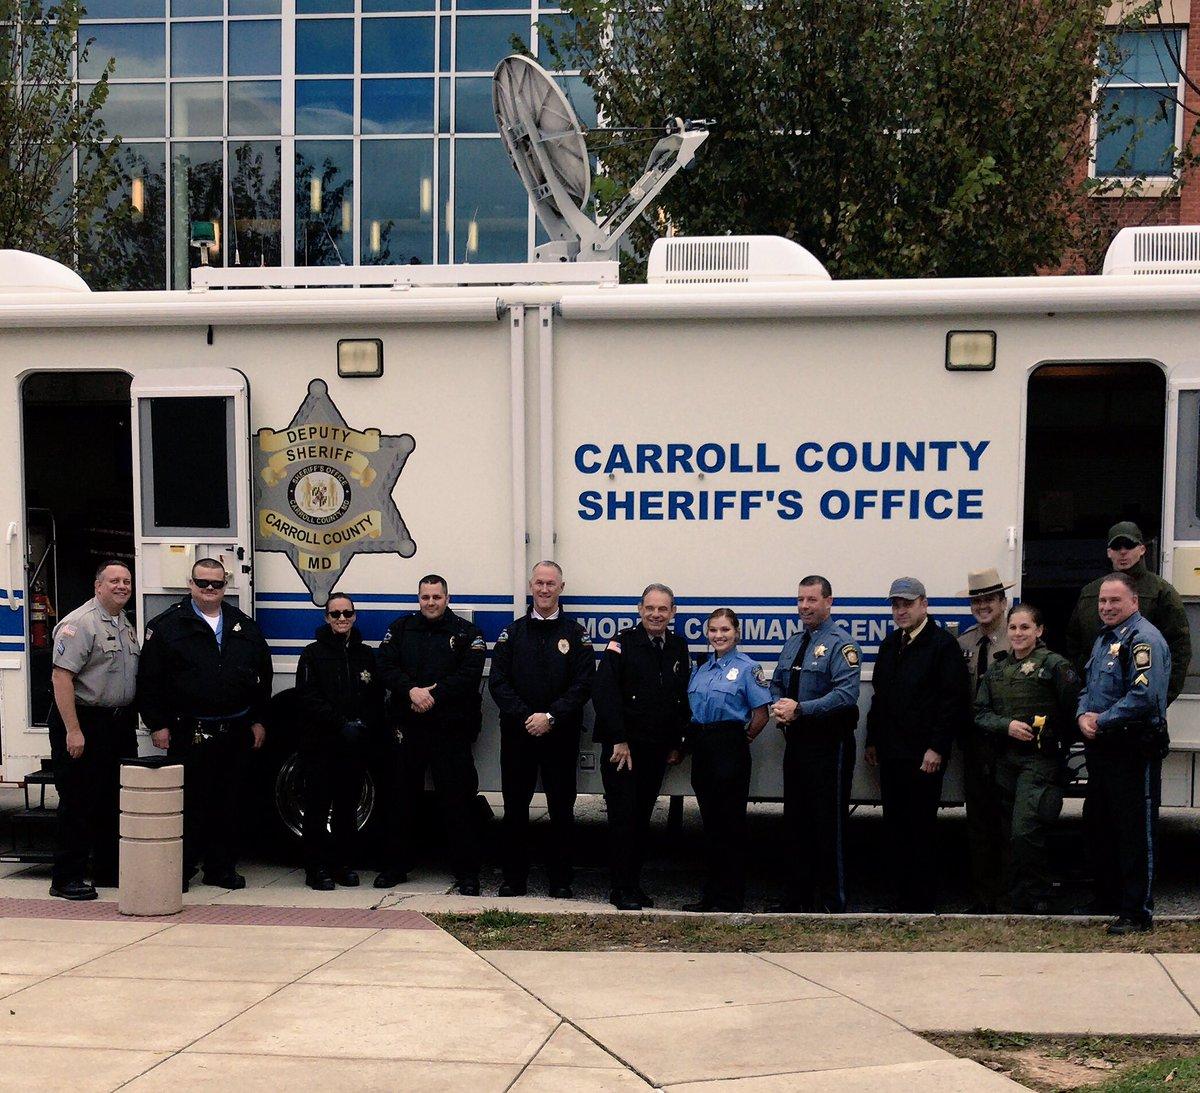 Carroll County Sheriffs Office Twitter - Keshowazo